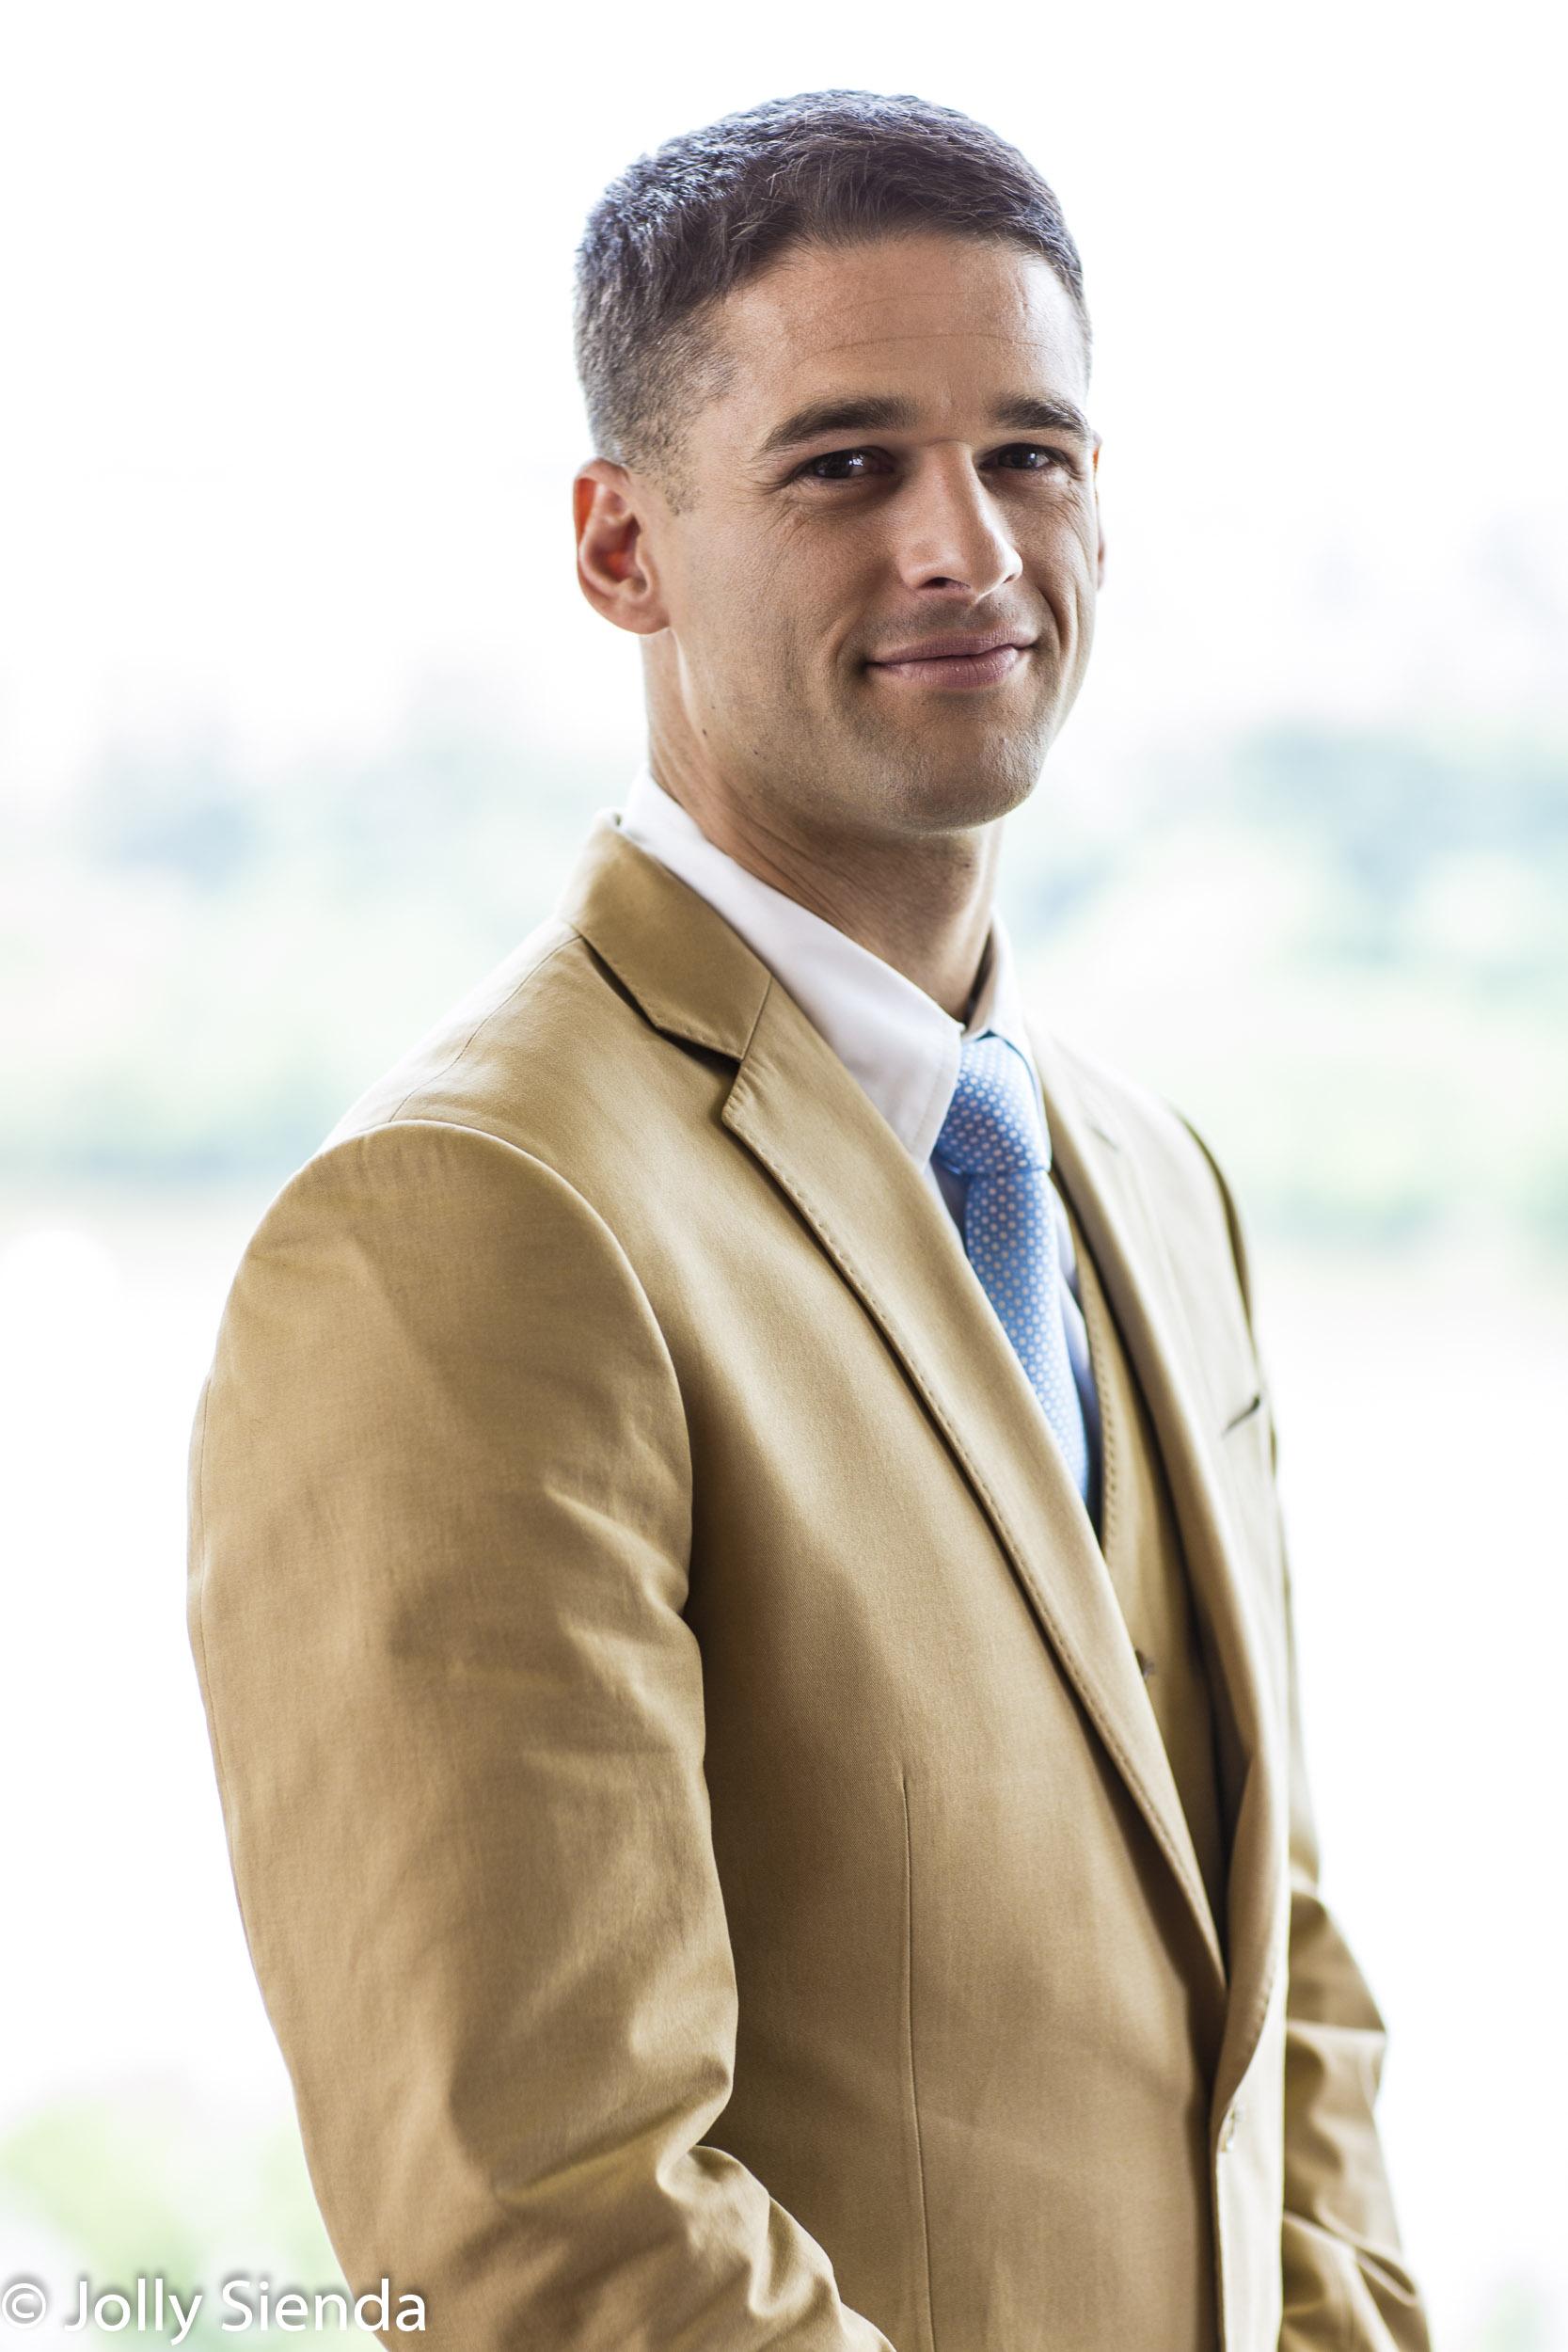 Mens business portrait photography